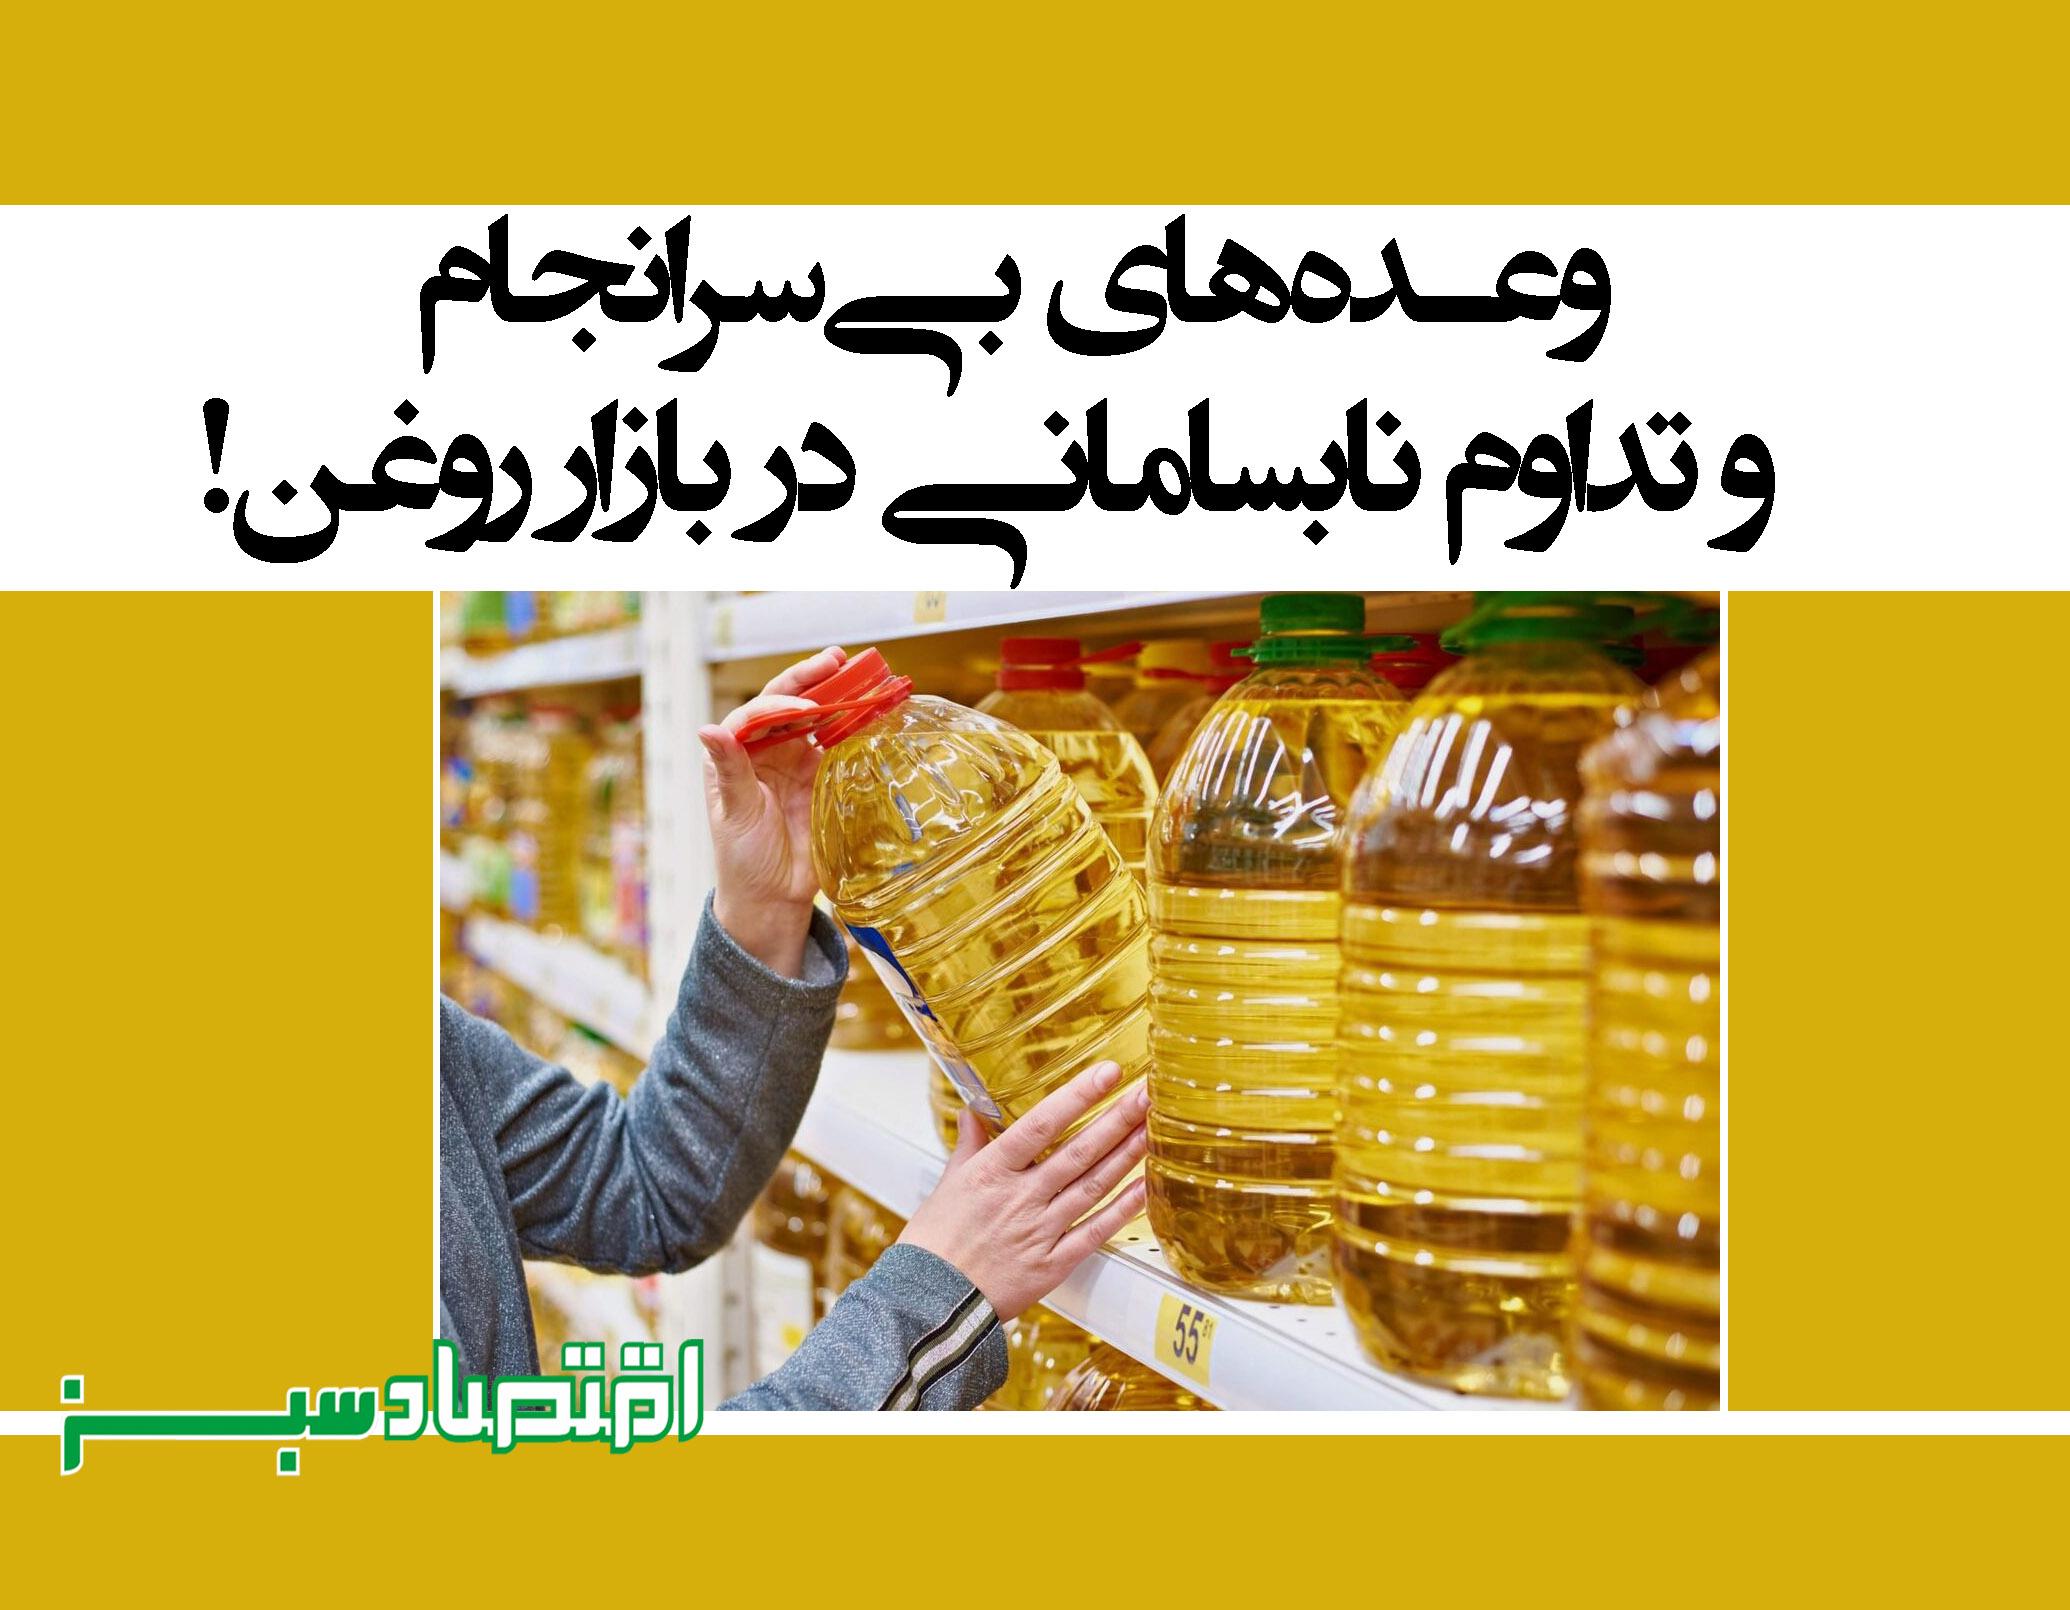 وعدههای بیسرانجام و تداوم نابسامانی در بازار روغن!